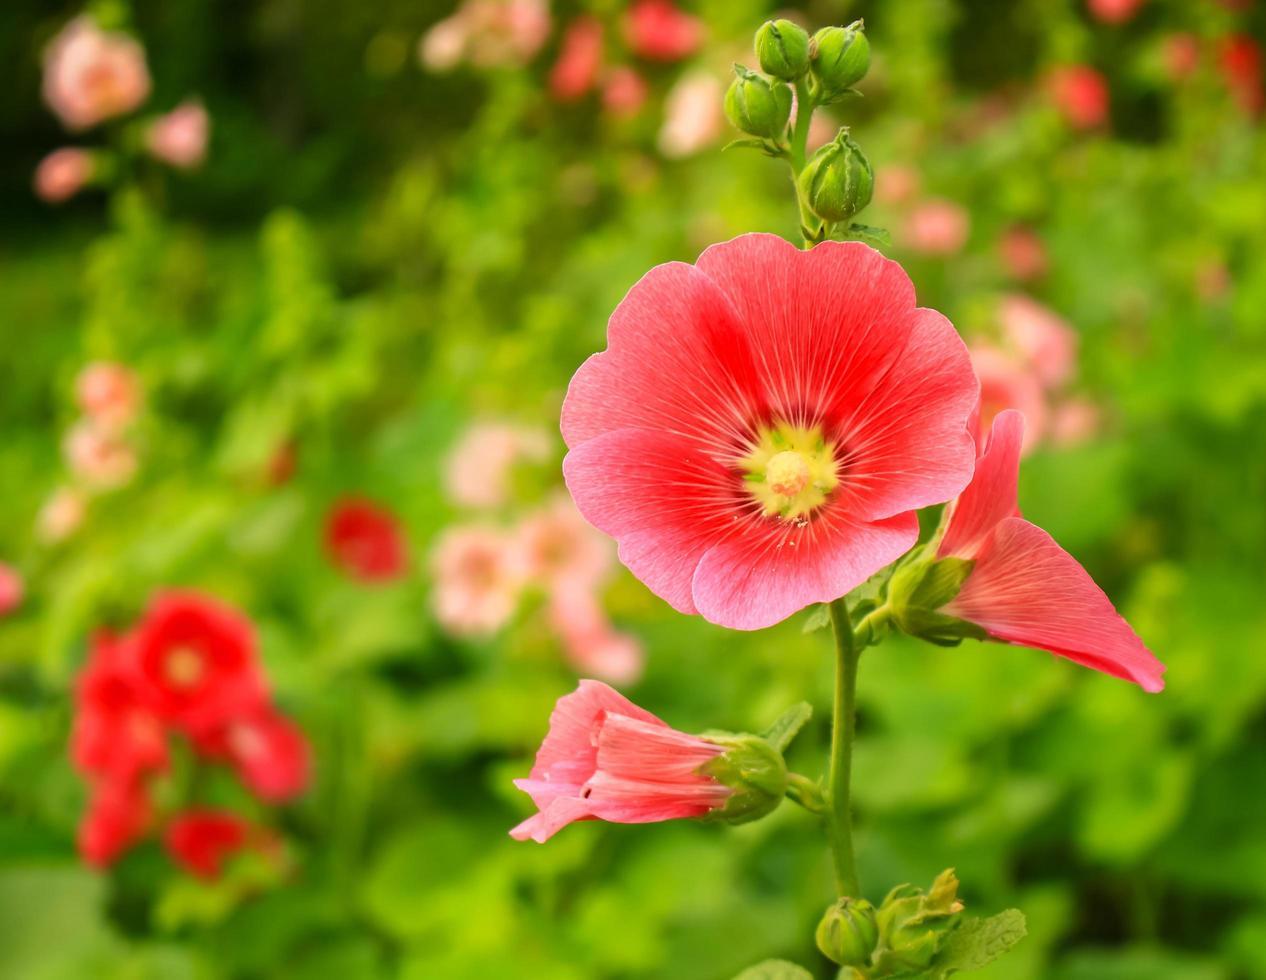 rosso malva fiori che sbocciano in un giardino foto